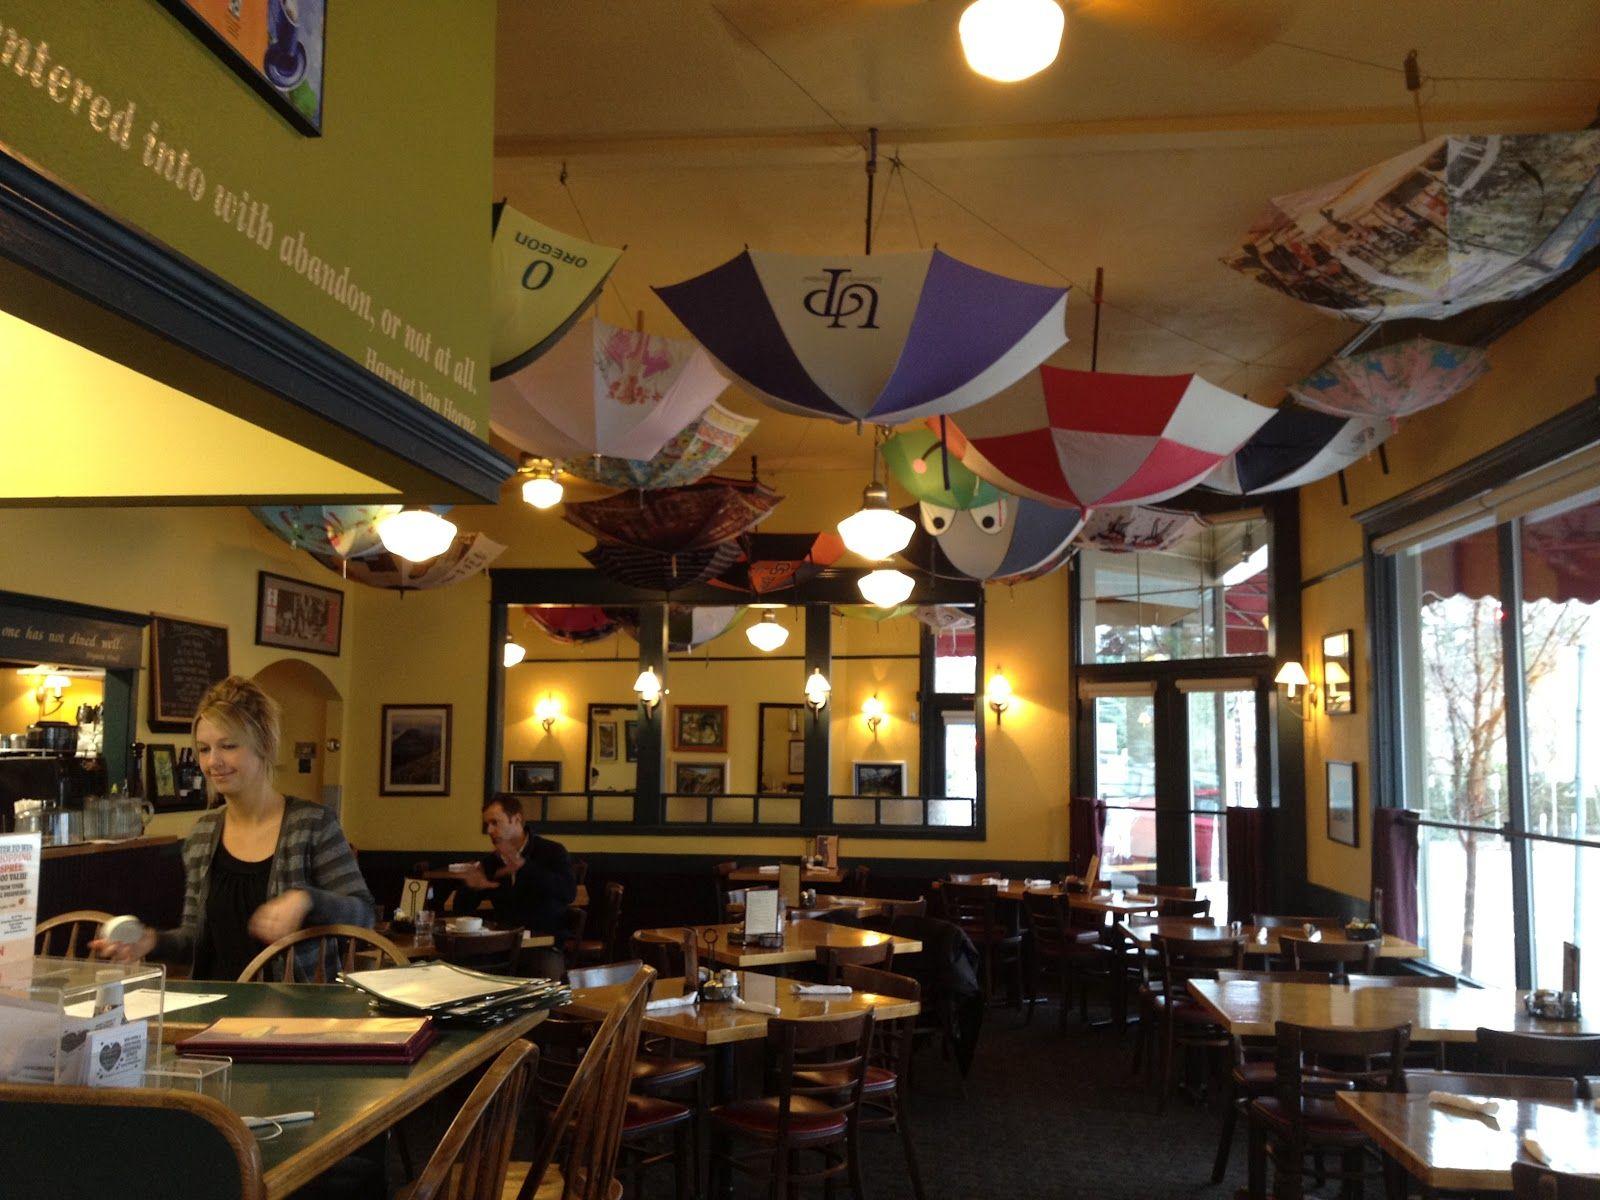 Marco S Cafe Espresso Bar Multnomah Or Espresso Bar Cafe Restaurant